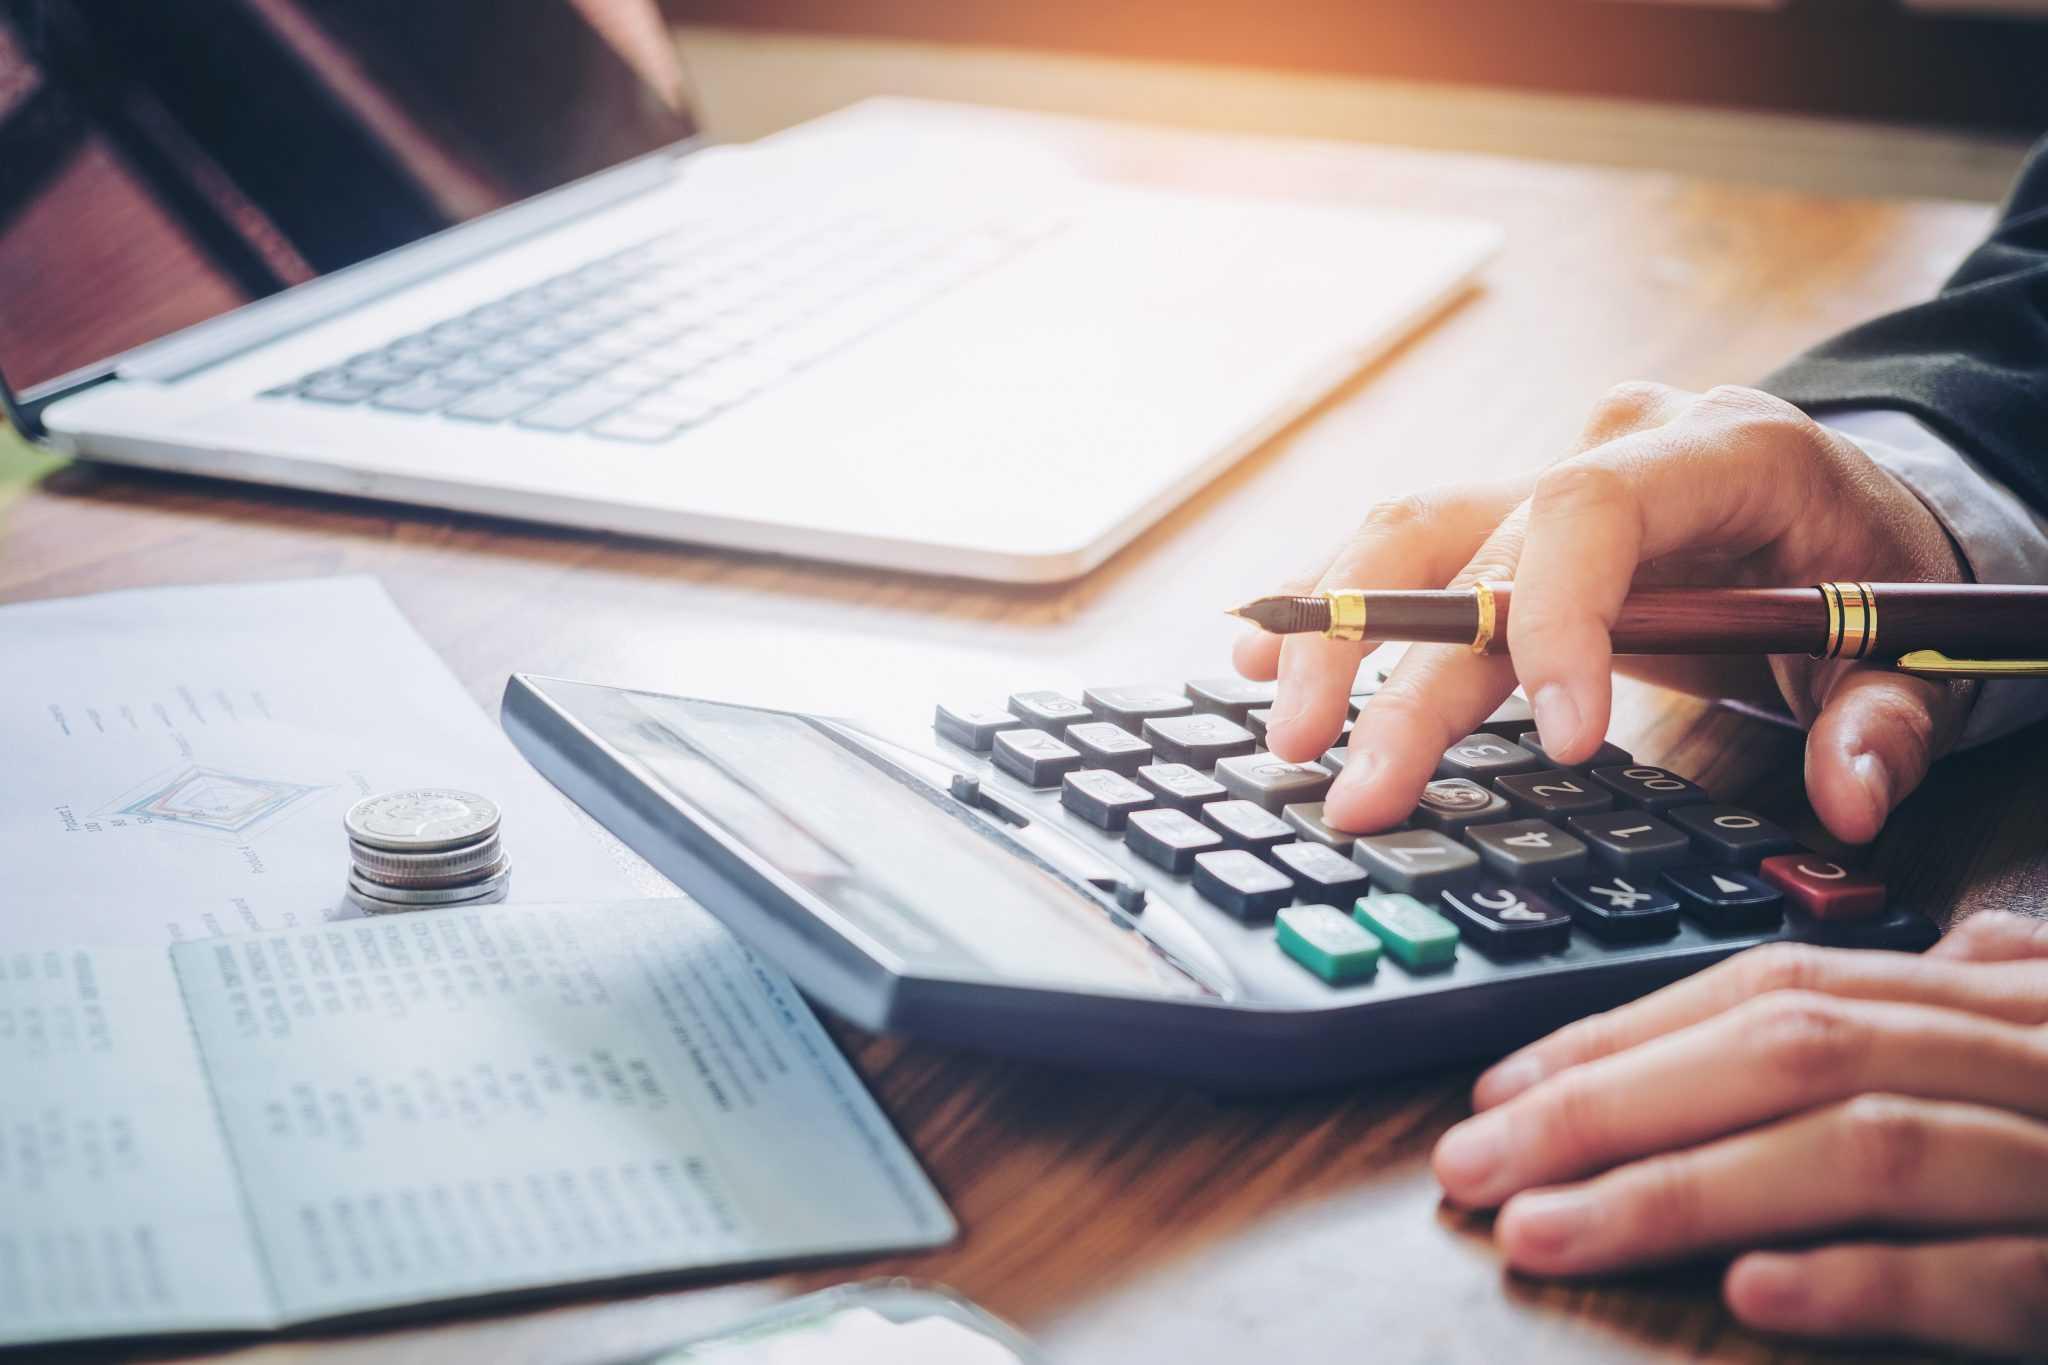 Imposto de renda - Como funciona em ações